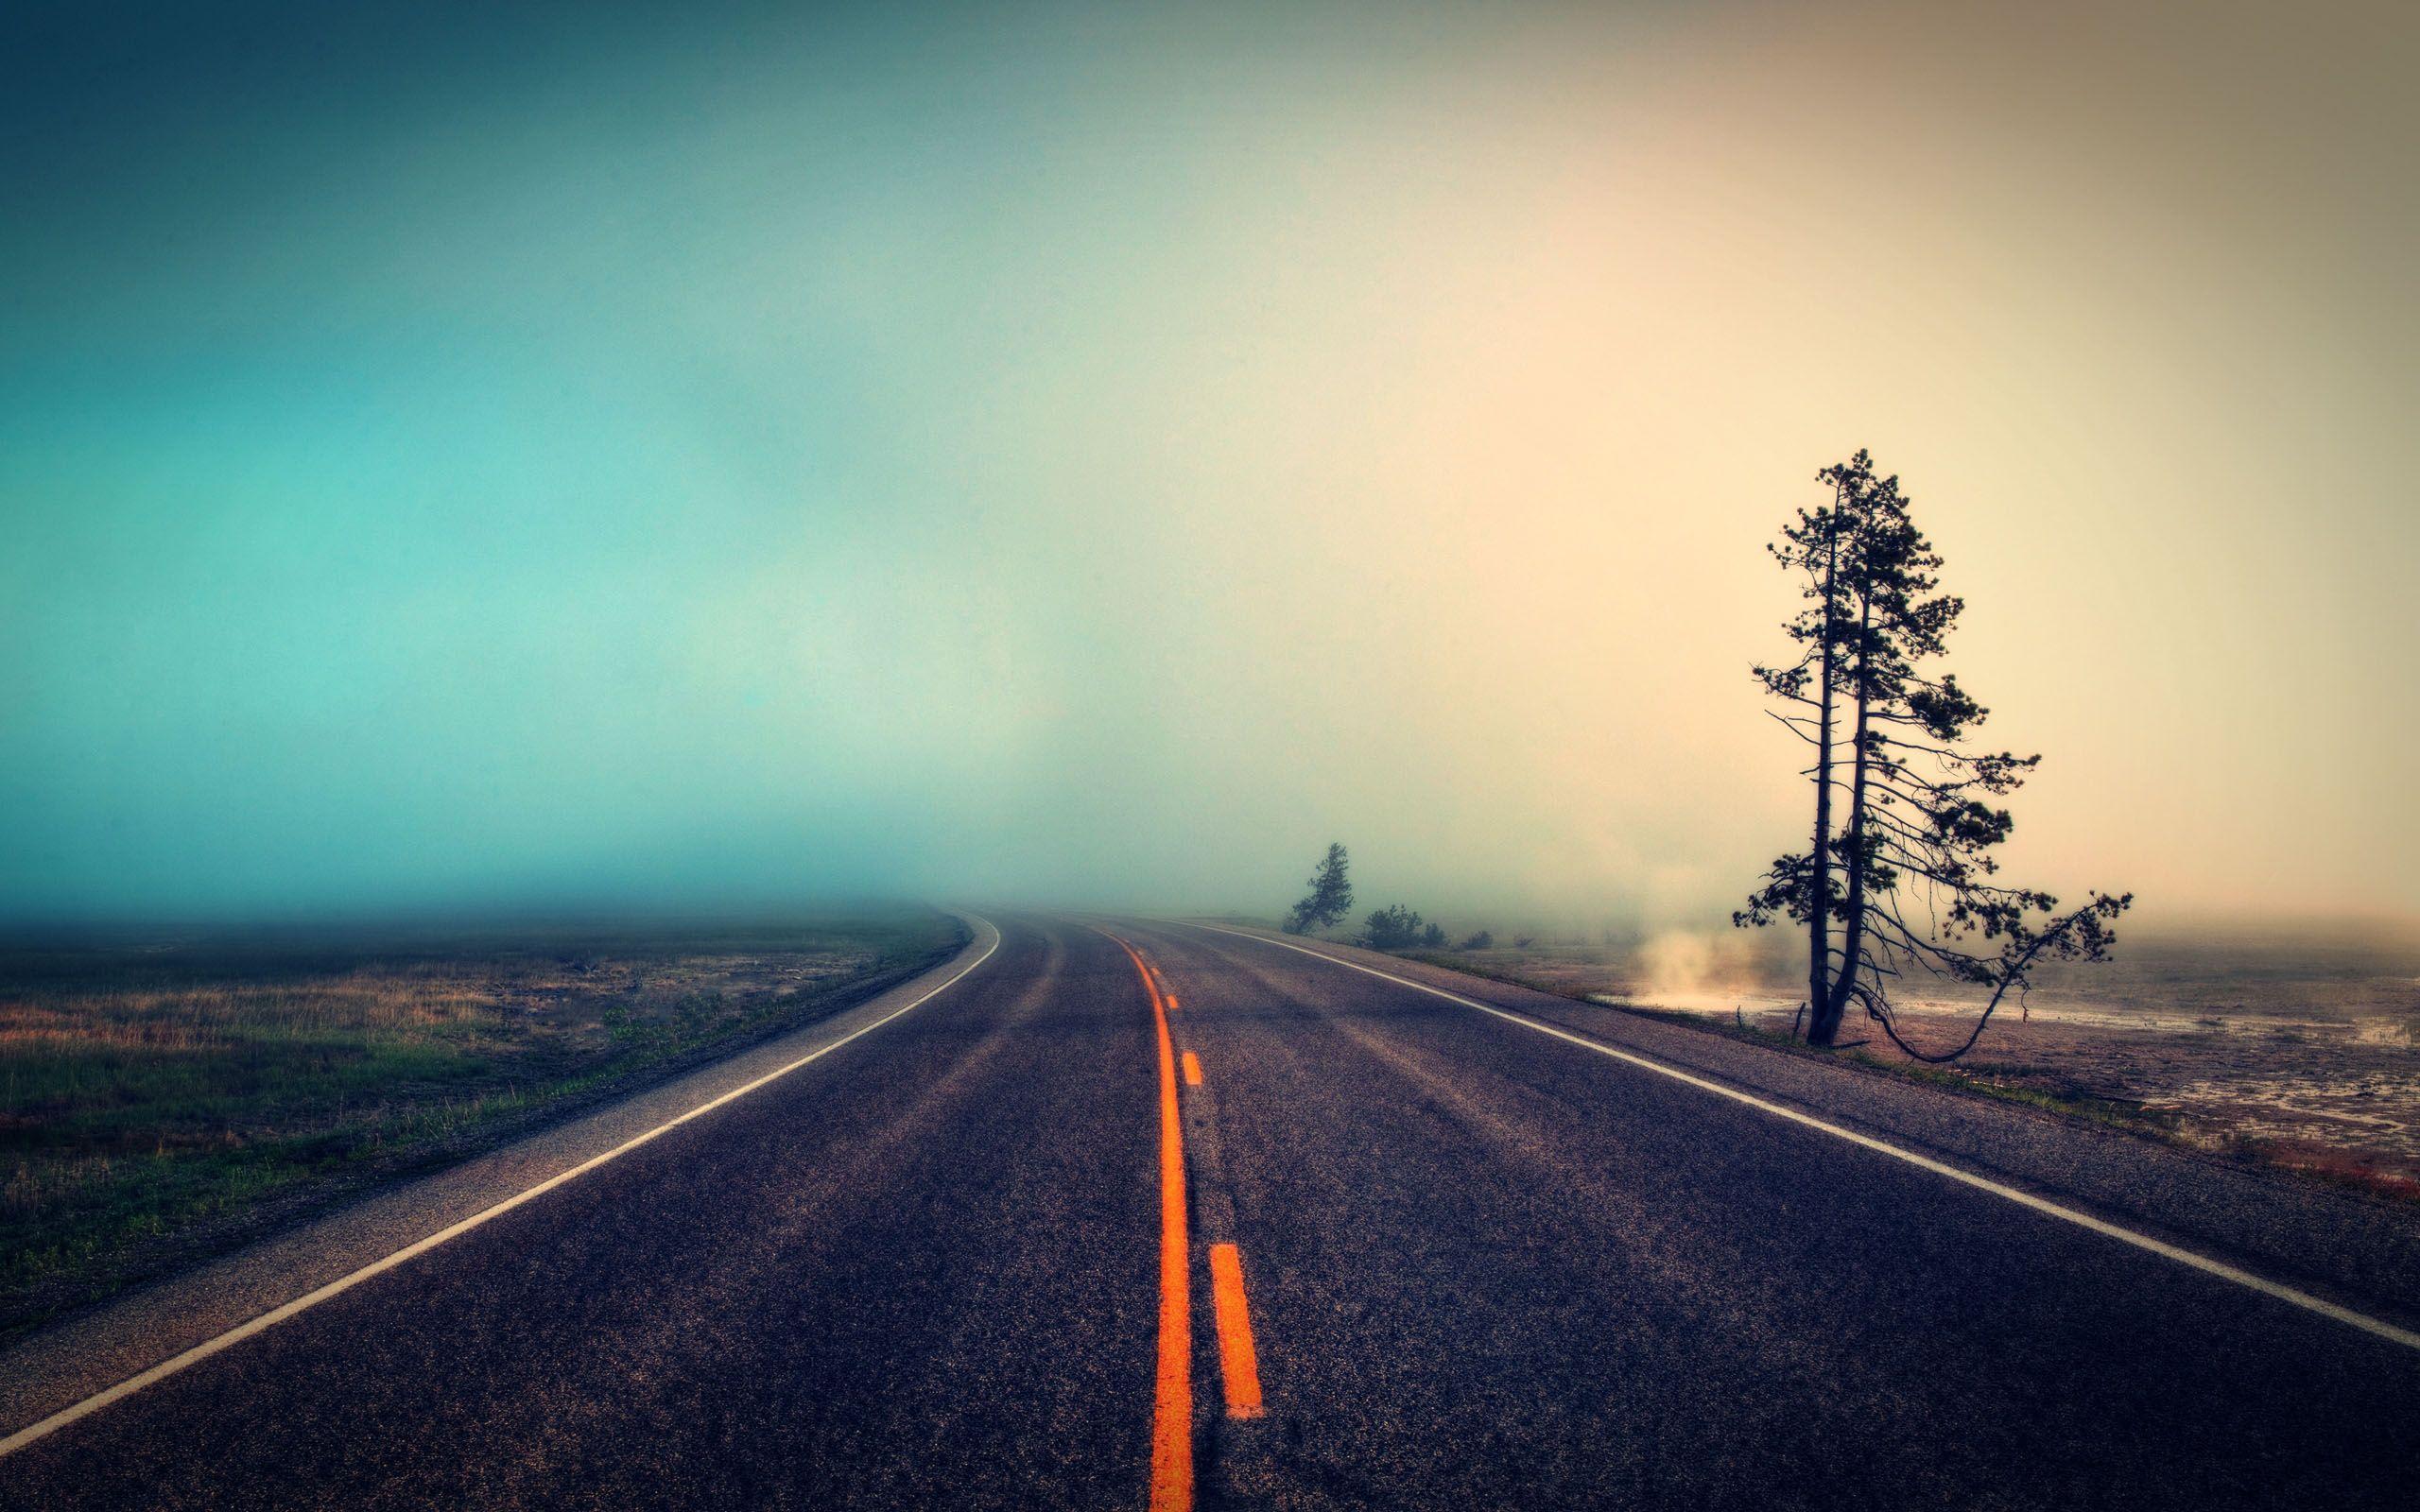 Empty Road Wallpaper | 2560x1600 | ID:22131